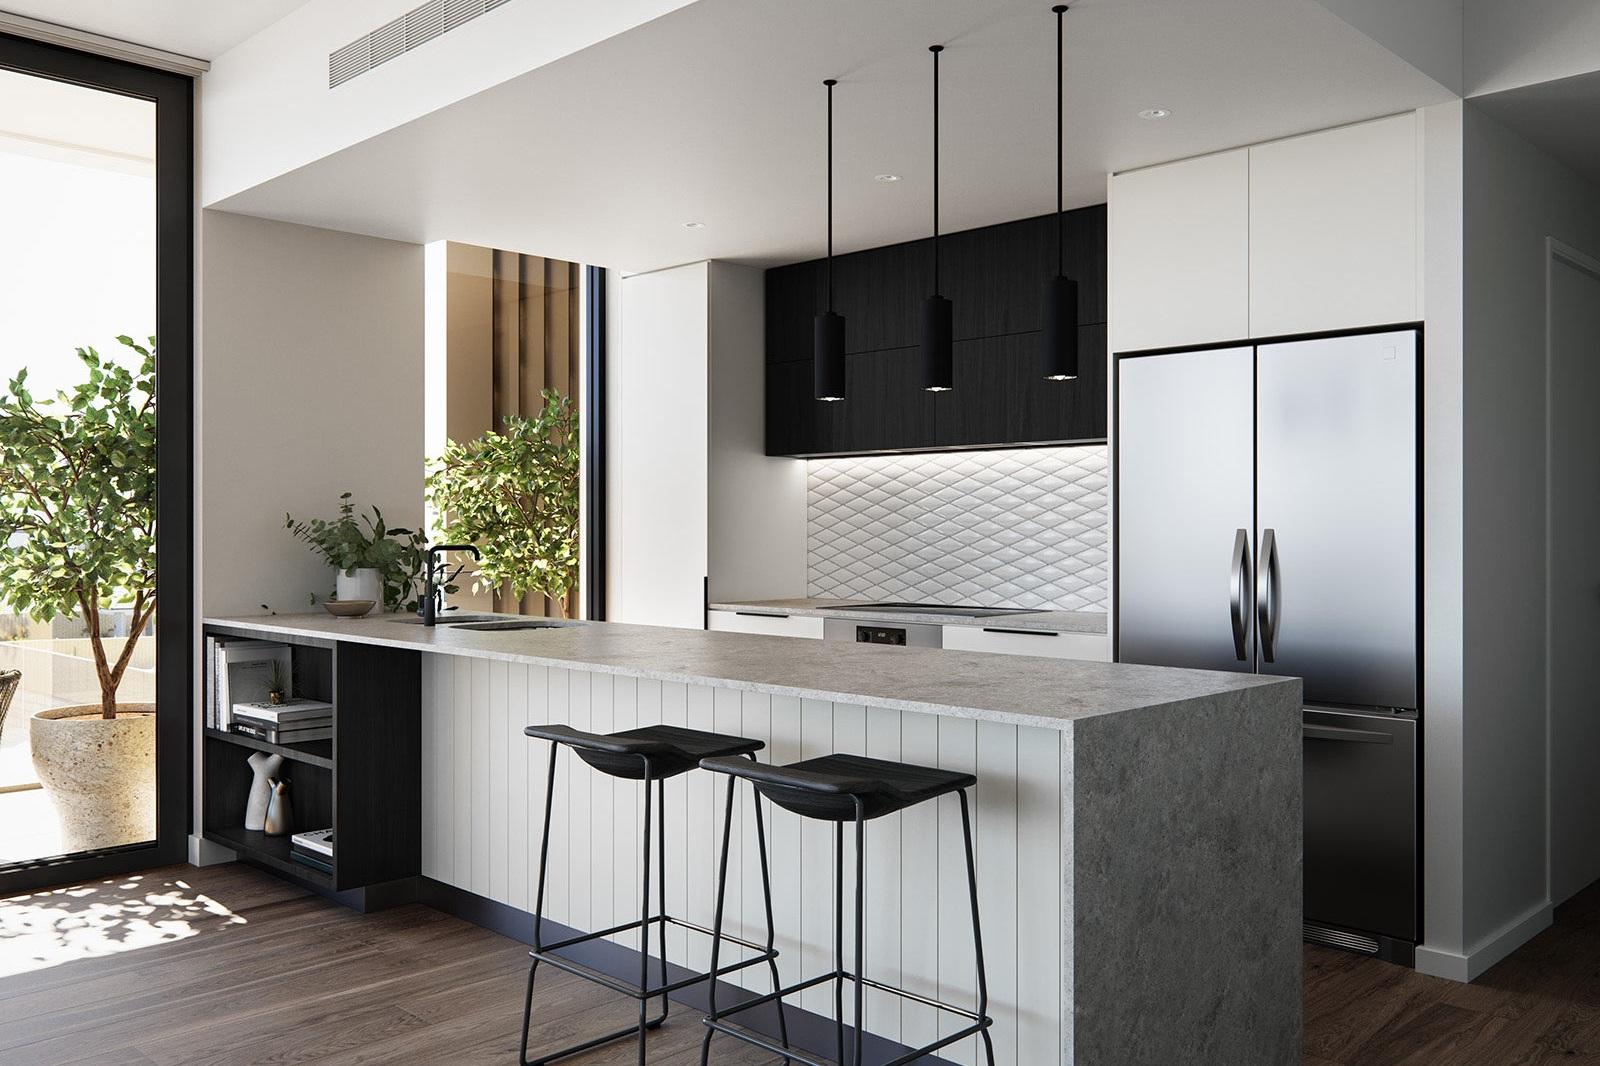 kitchen-render-2.jpg